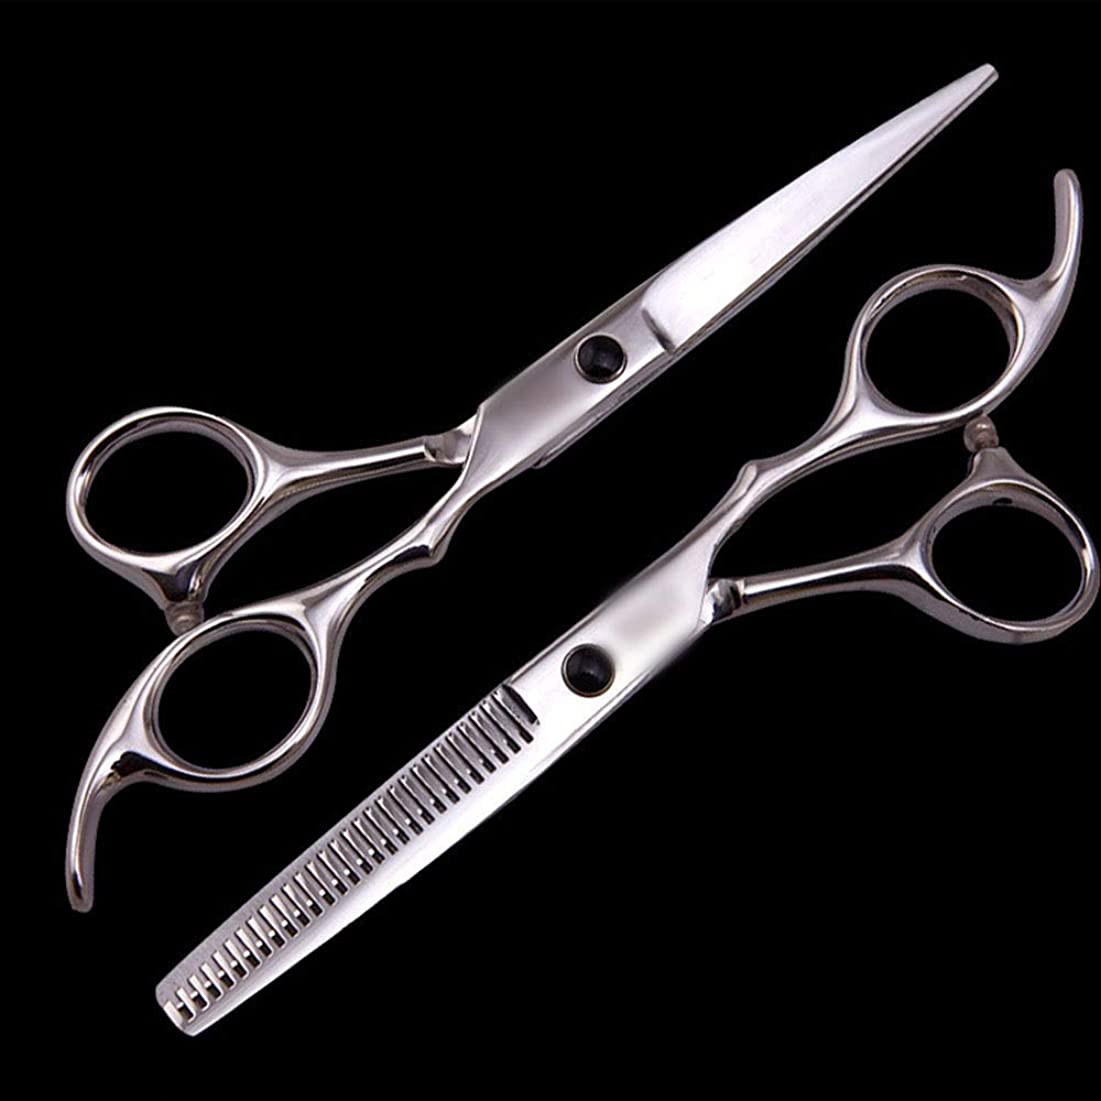 風が強いベルコンバーチブル理髪用はさみ 6インチ美容院プロの理髪セット、理髪ツールフラットせん断+歯せん断ヘアカットシザーステンレス理髪はさみ (色 : Silver)